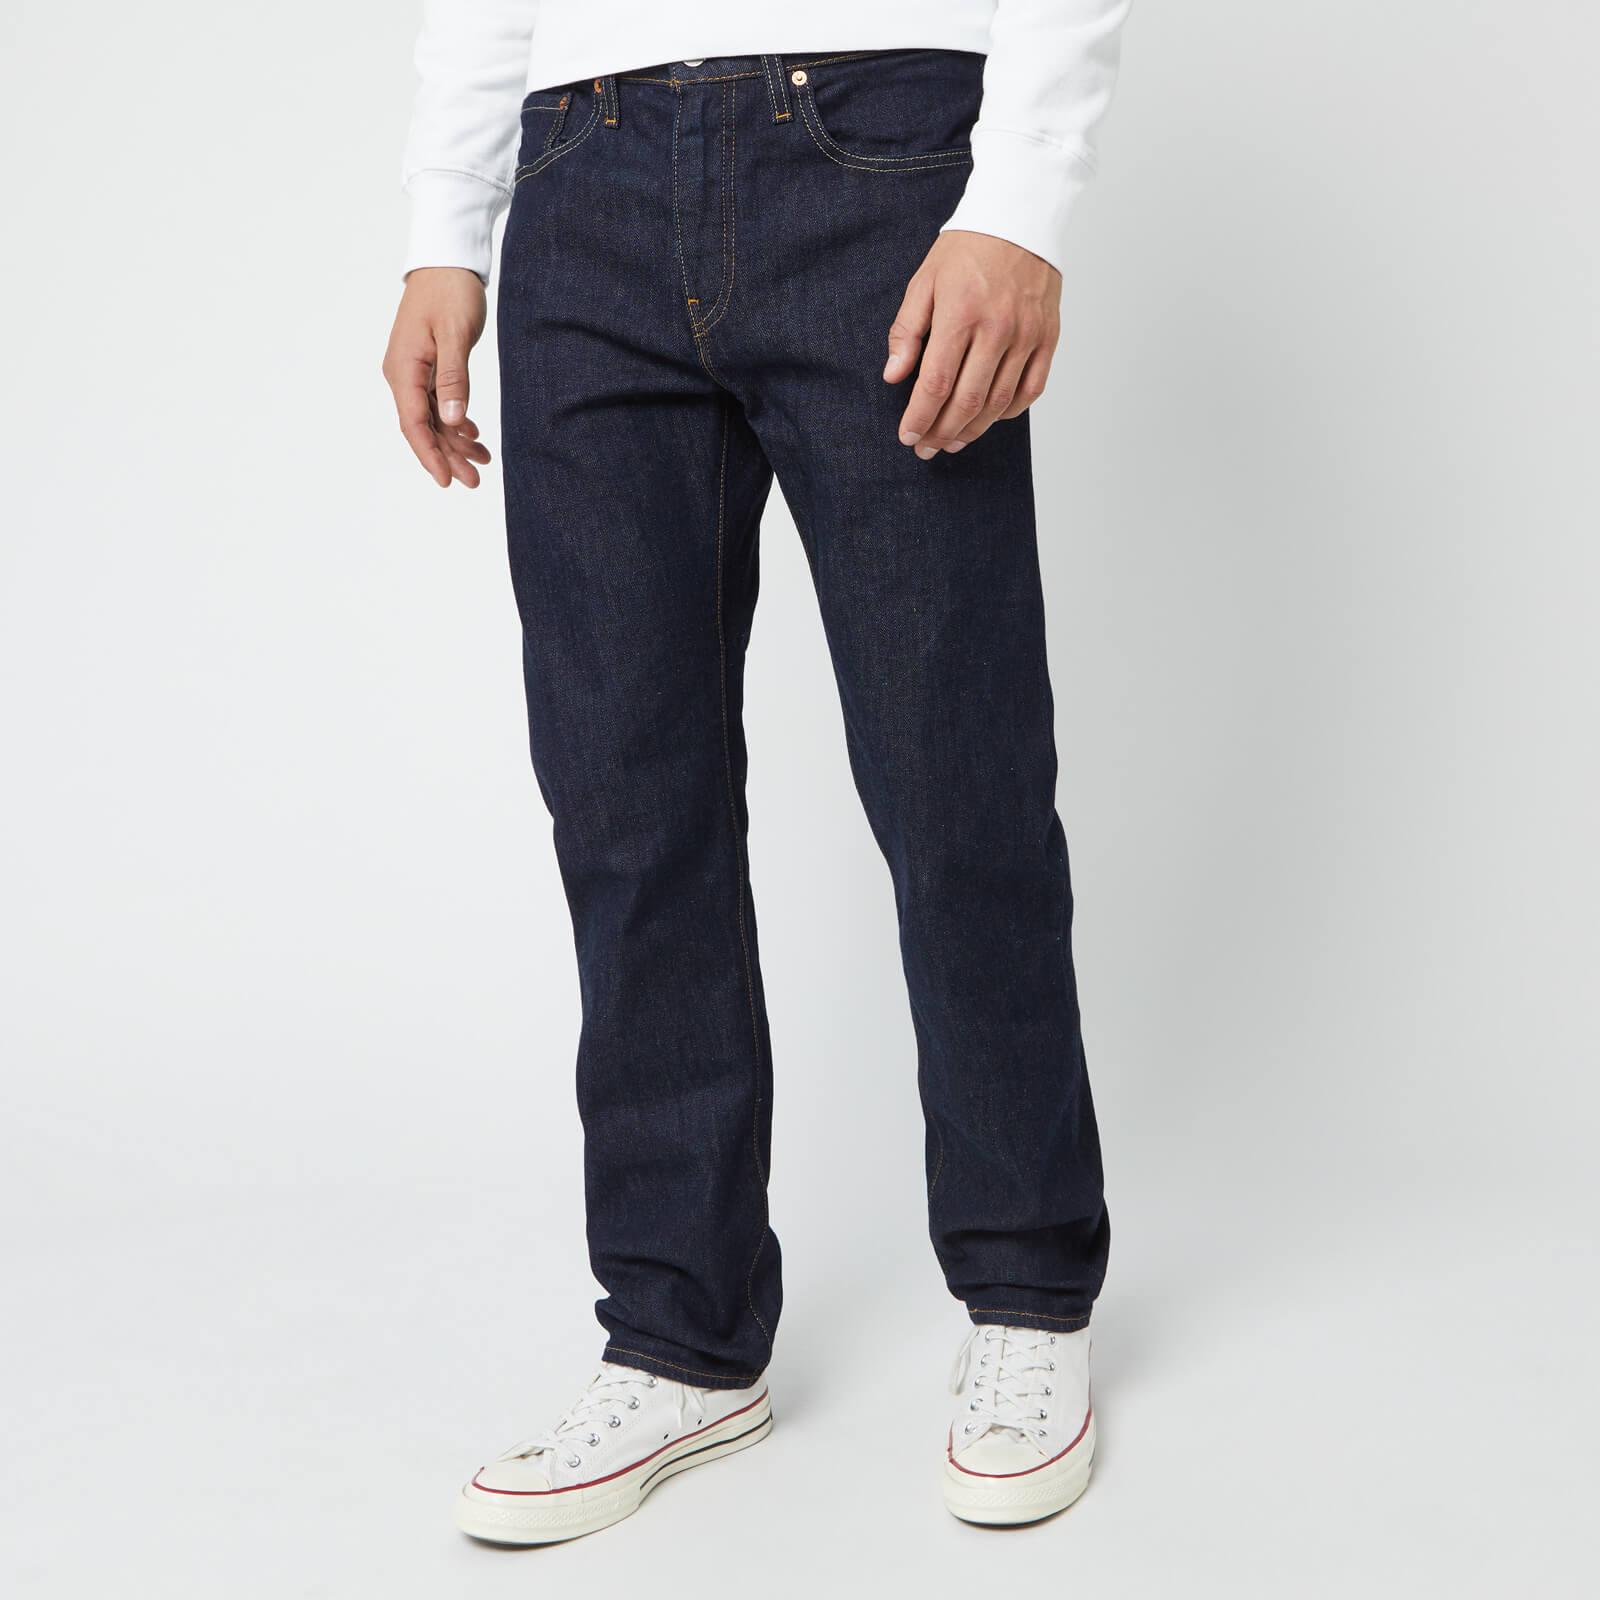 Levi's s 502 Taper Jeans - Rock Cod - W38/L32